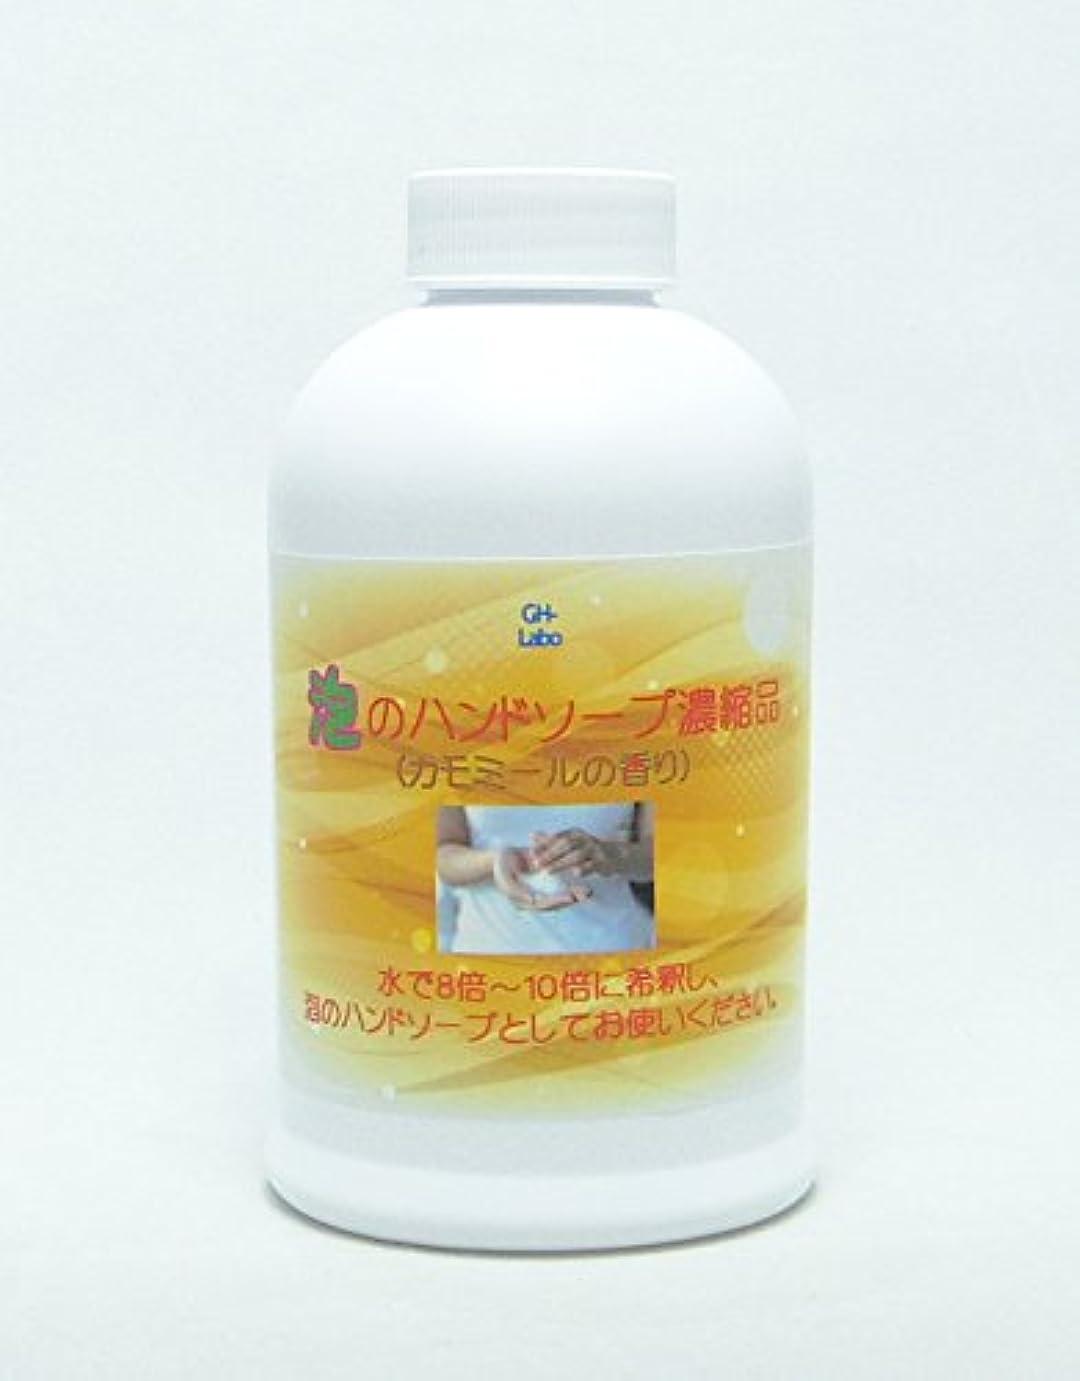 葉っぱエゴマニア行GH-Labo 泡のハンドソープ濃縮品(300mLの商品10~13個分) カモミールの香り